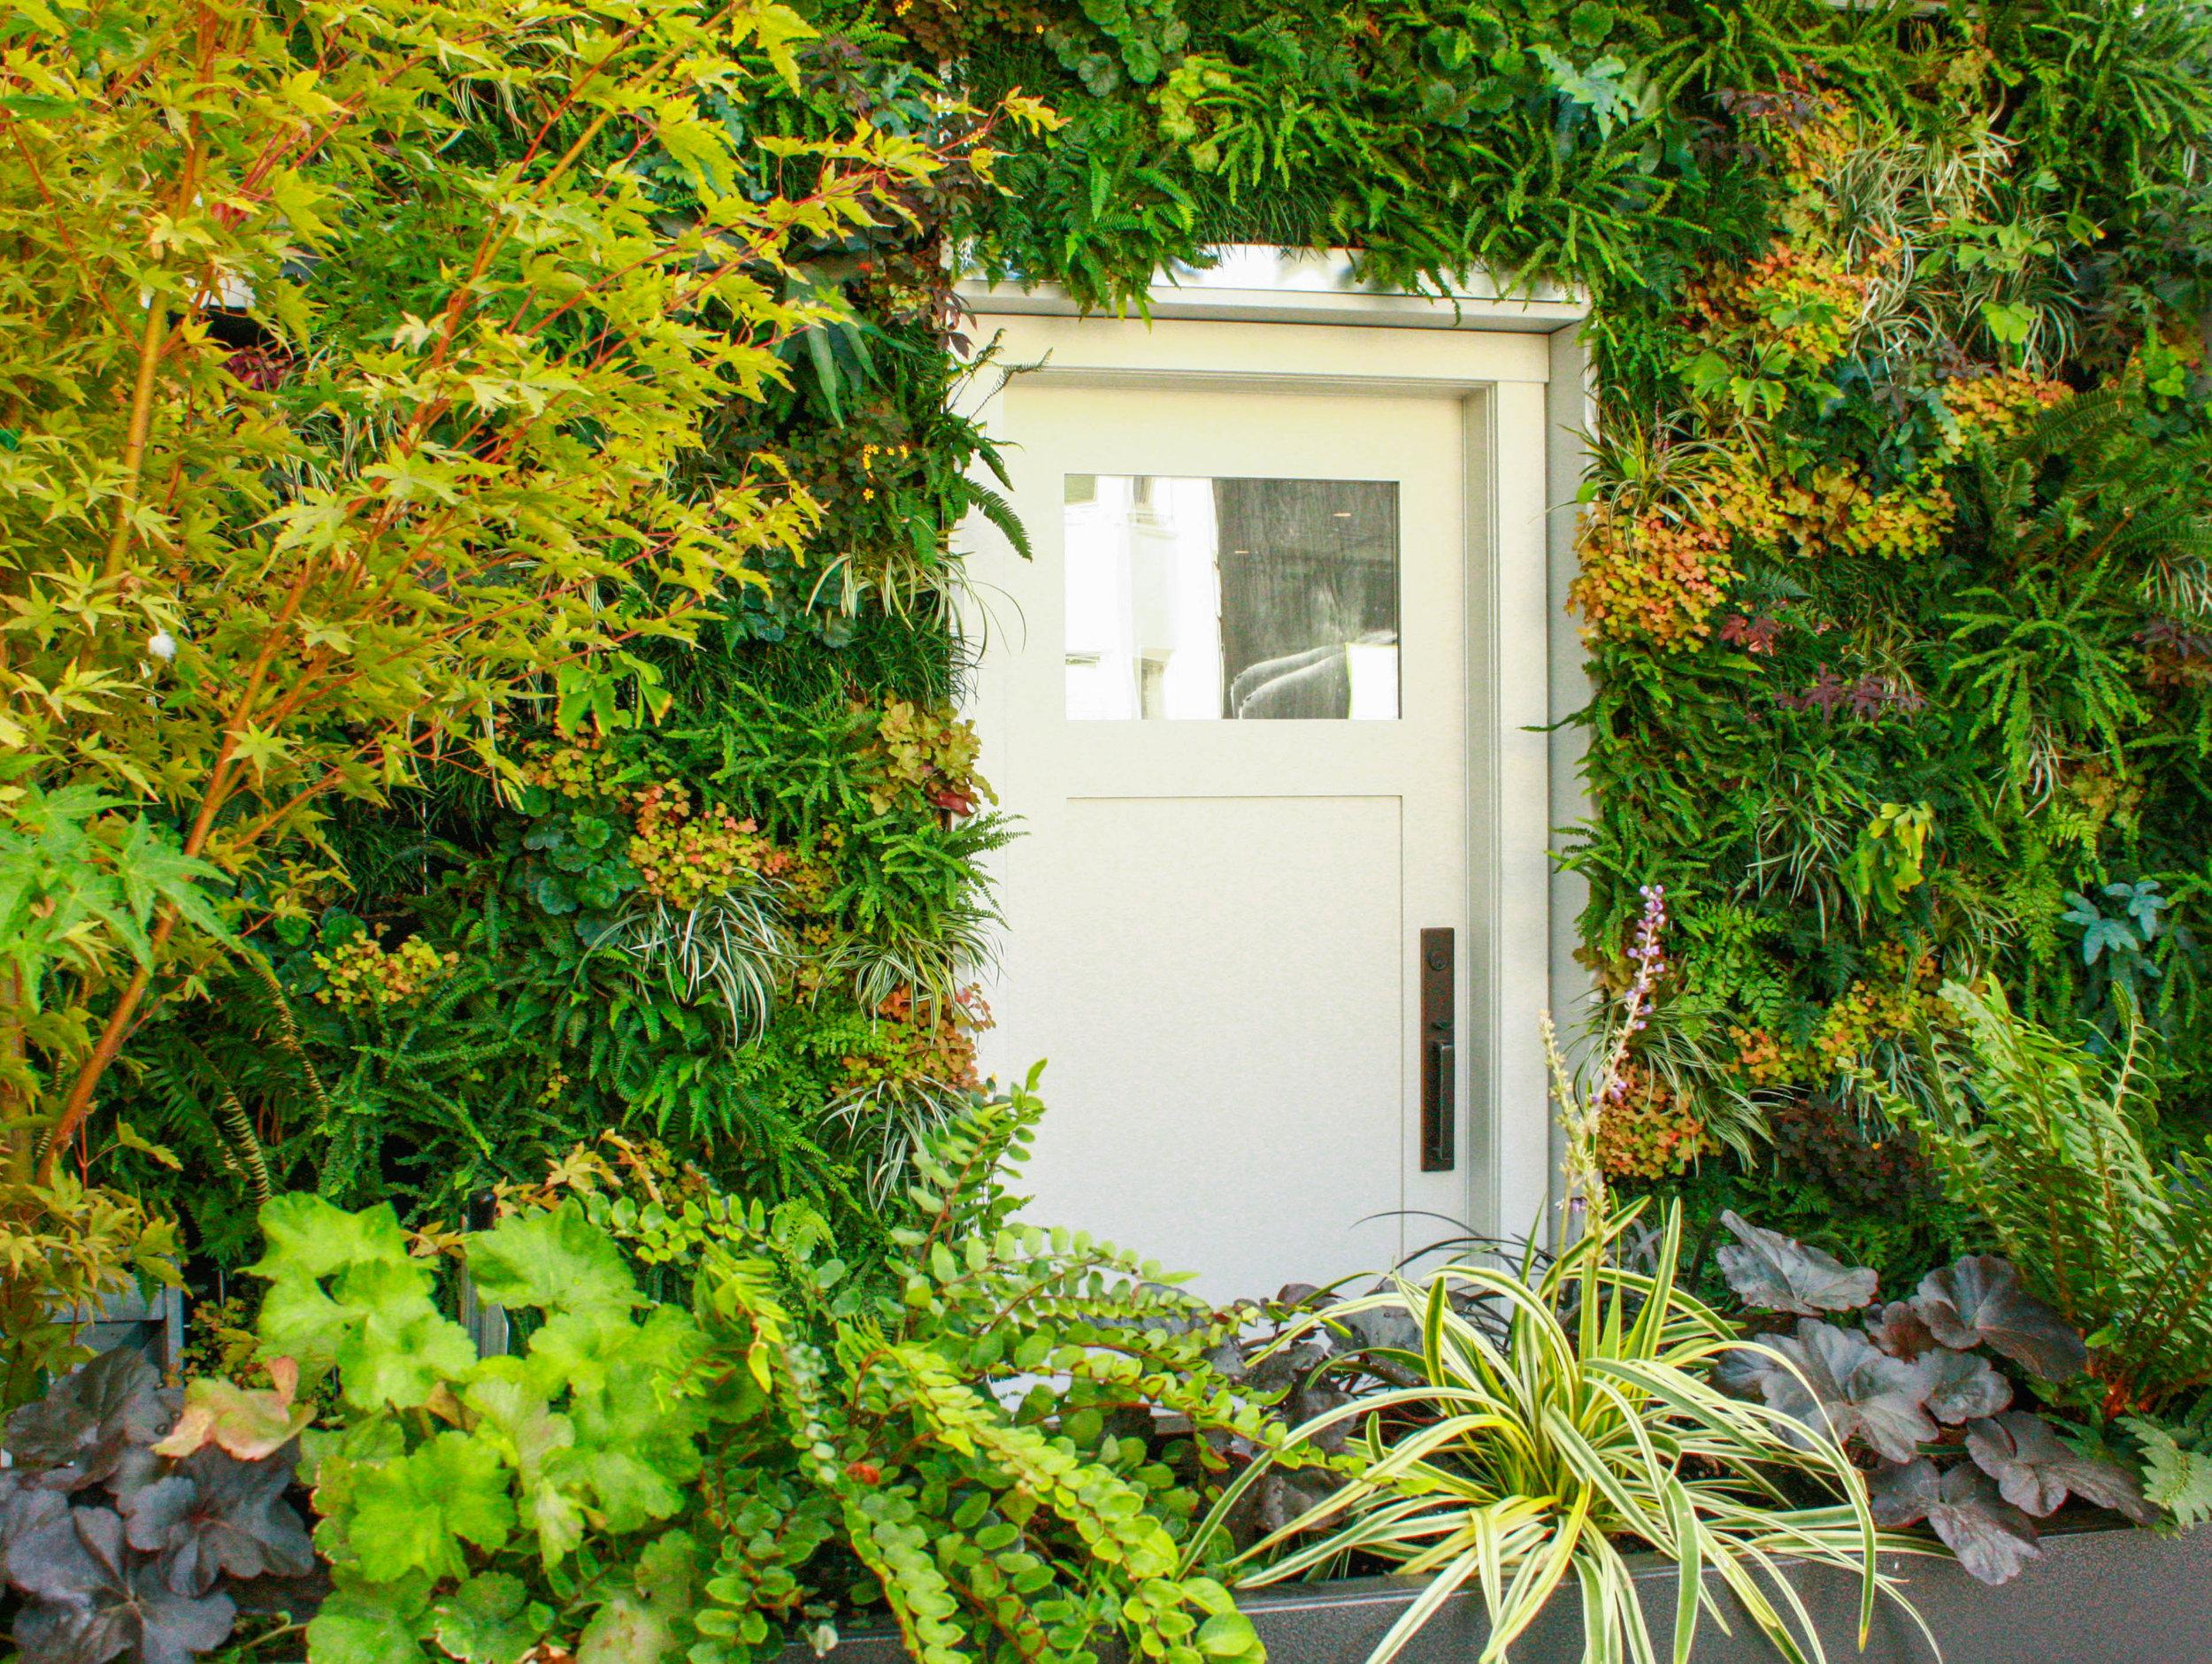 Green wall with door.jpg